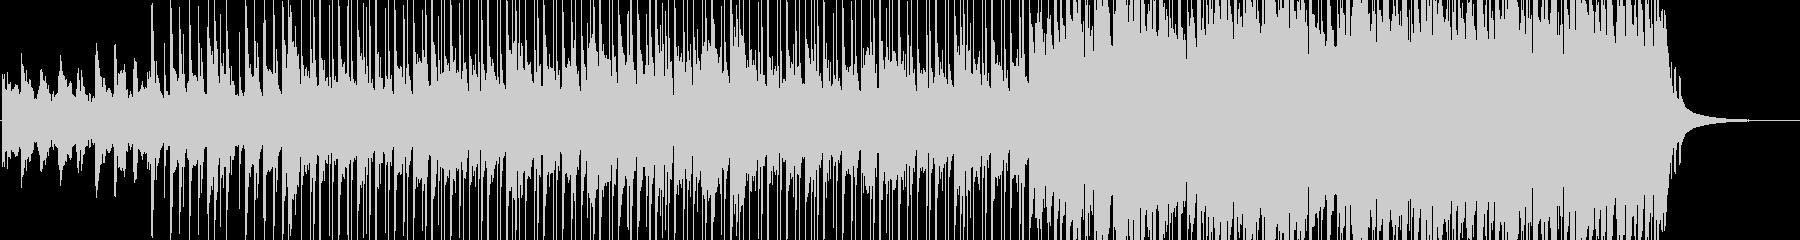 広大な大地で重たいチェロのメロディの未再生の波形